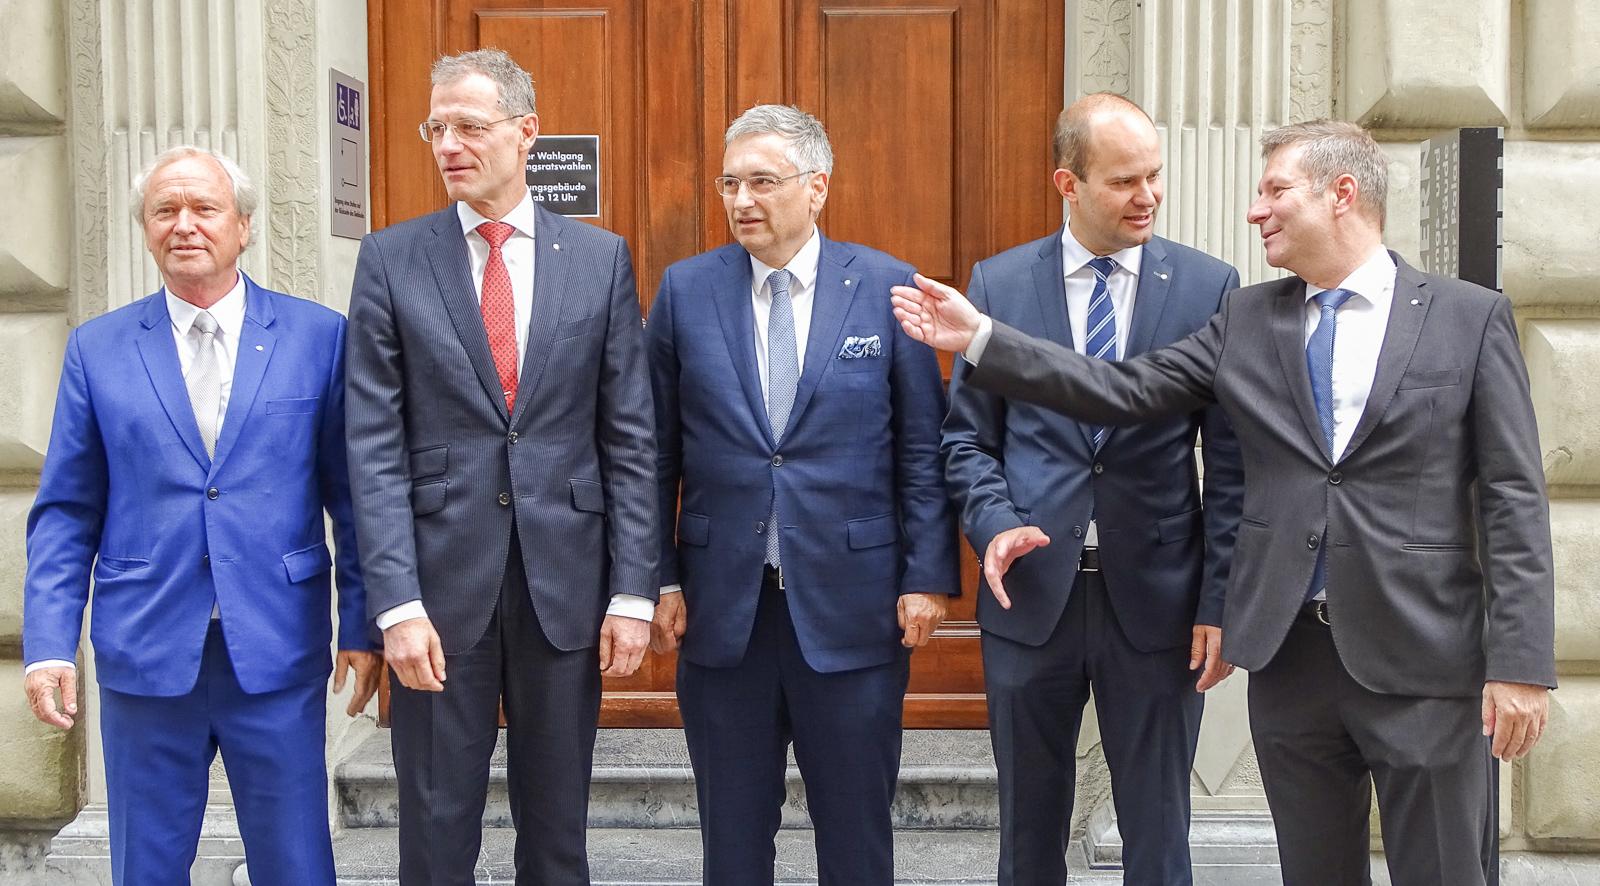 Der einzige Neue, der einzige unter 50 Jahren: Fabian Peter (zweiter von rechts) zieht den Altersschnitt im Luzerner Regierungsrat nach unten.